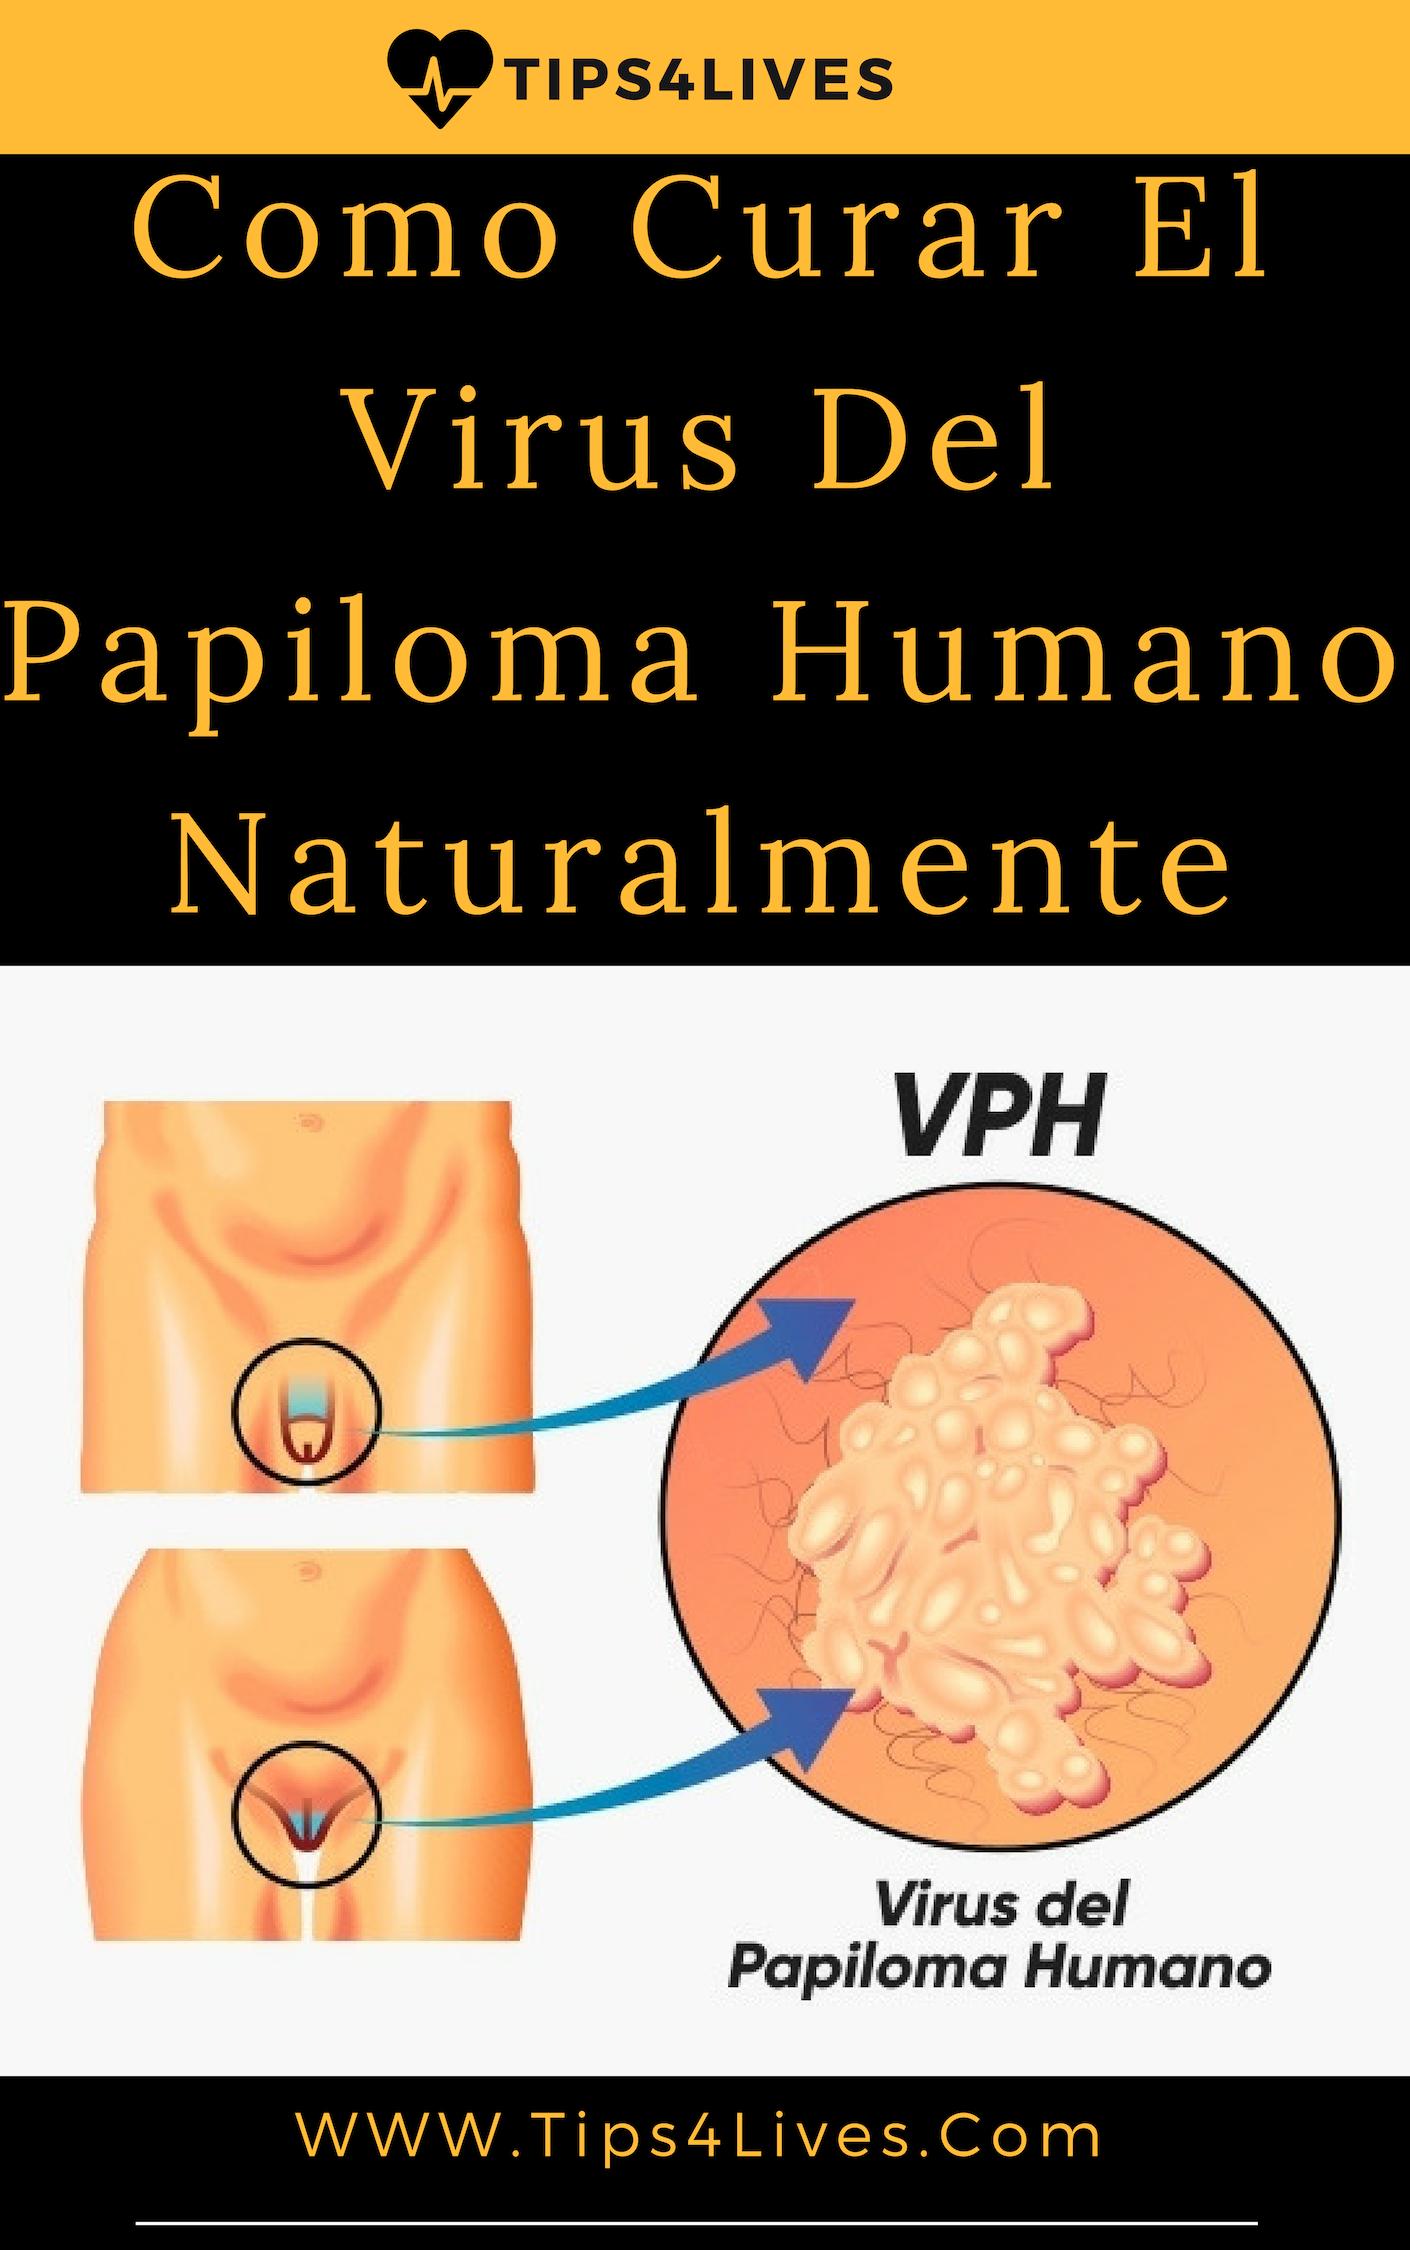 tratamiento para el virus del papiloma humano en hombres y mujeres